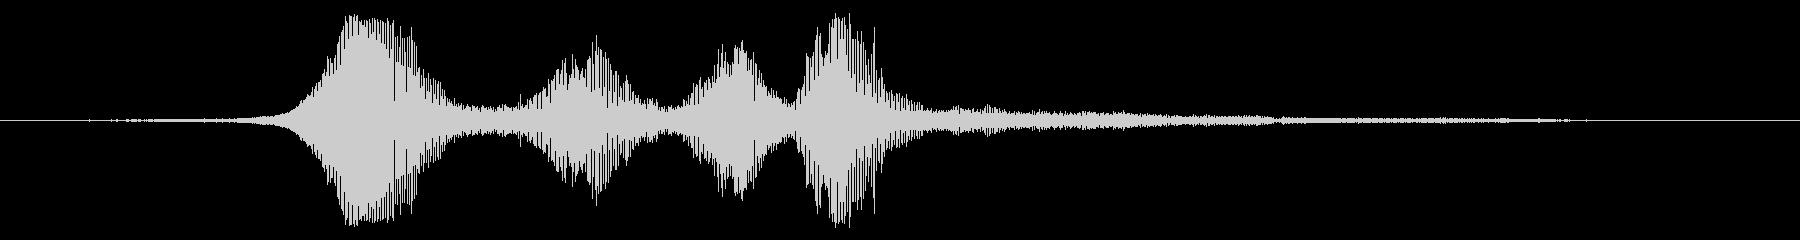 軽量在庫:中速で4つの近接パスの未再生の波形